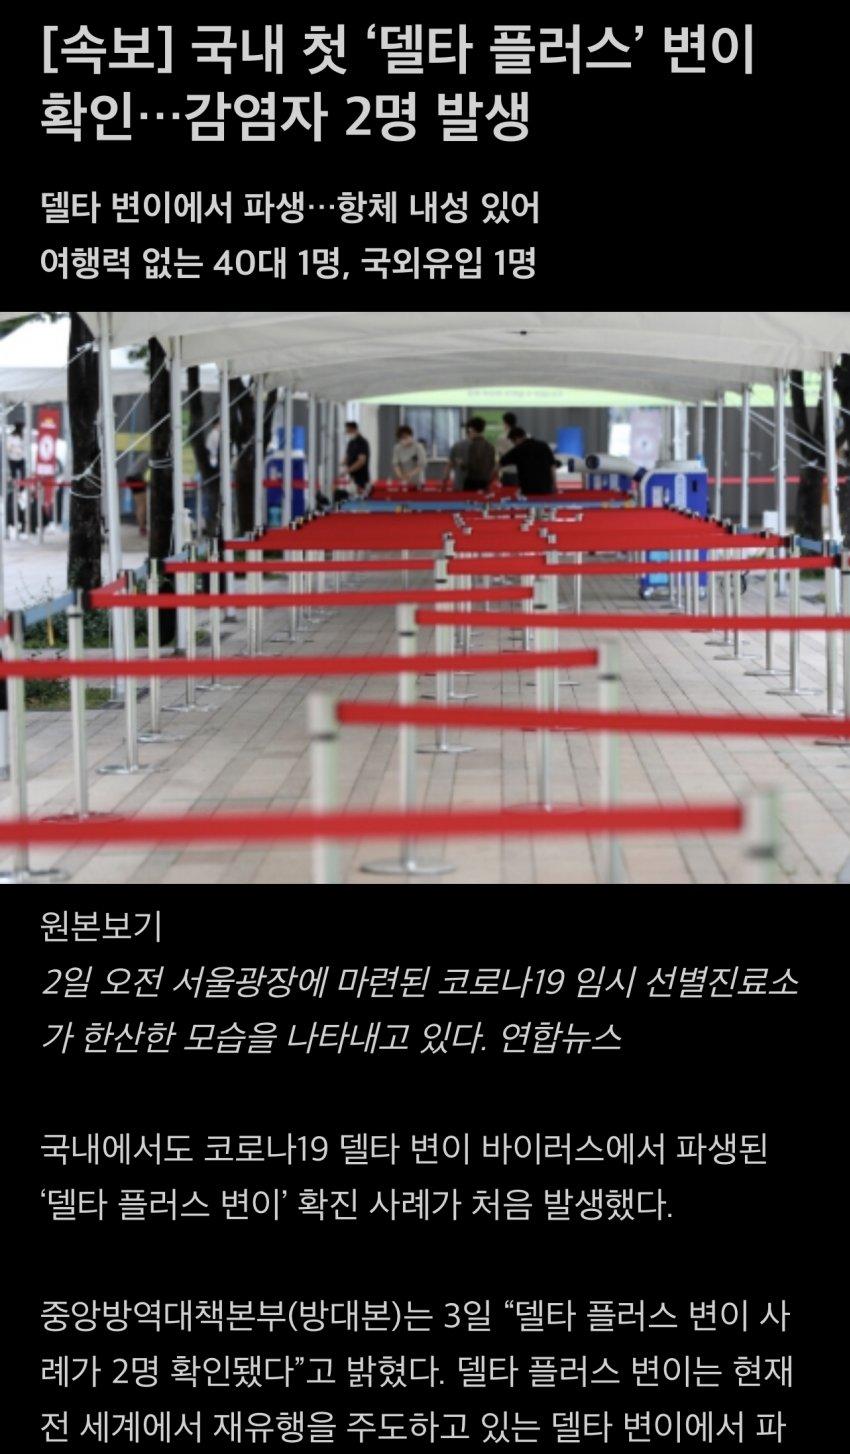 viewimage.php?id=2ab2c623f7dc35a360ab&no=24b0d769e1d32ca73ceb86fa11d02831eebc6c37c2fa034916facb03232605edda343bd7fc94c061fb239eb26b63bbe868bb20f866def88813f237518b02f51d8ed629ec70ebaf4e77a2da8273529c6c0e44ac467b5f2f0c0390ef435ca54496297c013c47c50d2778d6